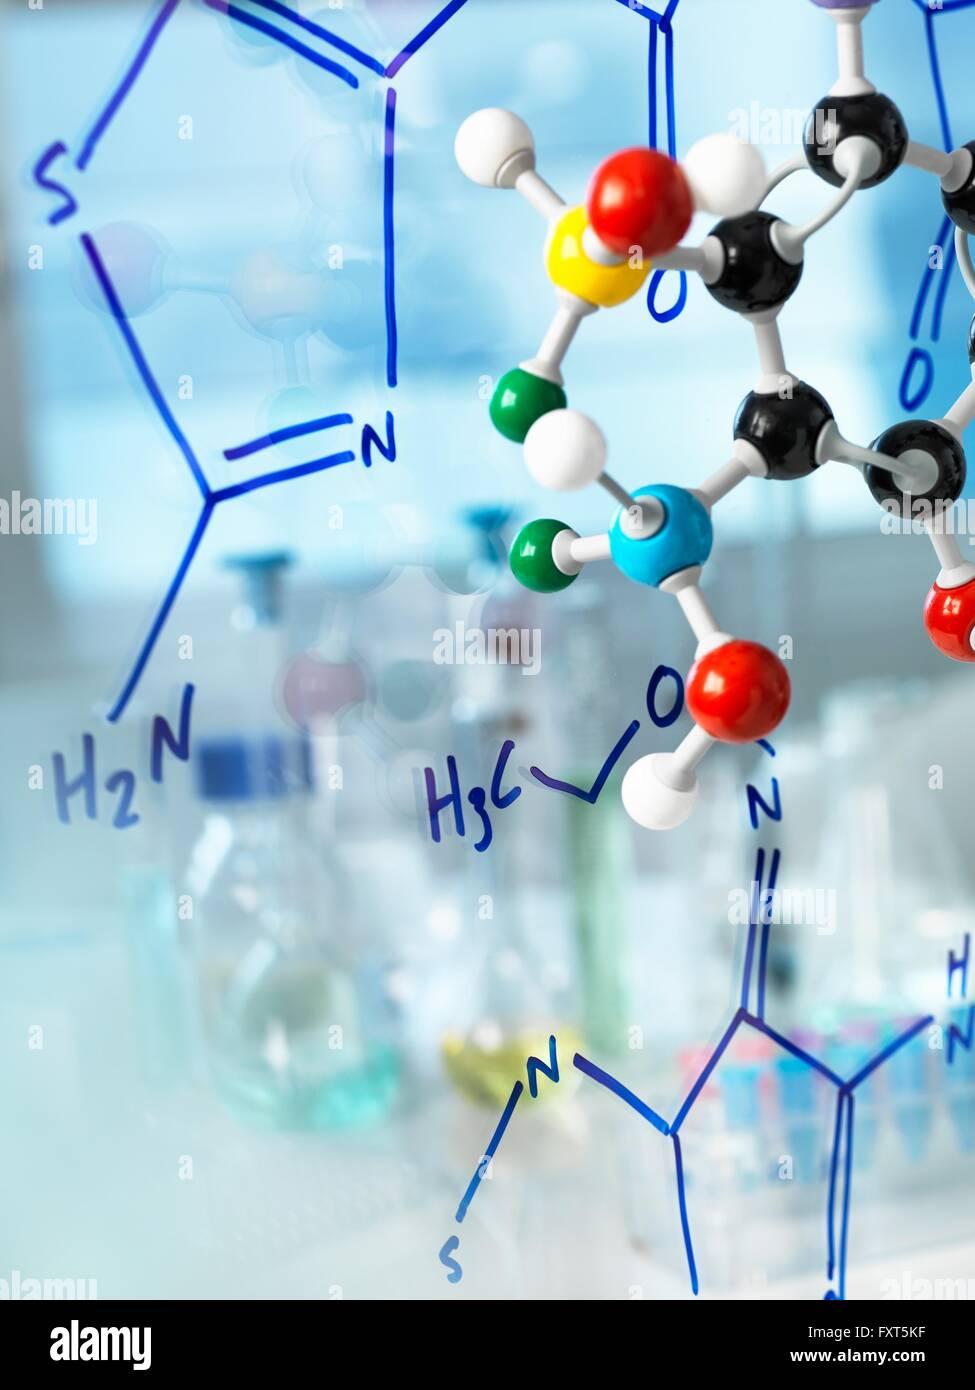 Sfera e stick modello molecolare con la formula del nuovo farmaco scritto su vetro Immagini Stock